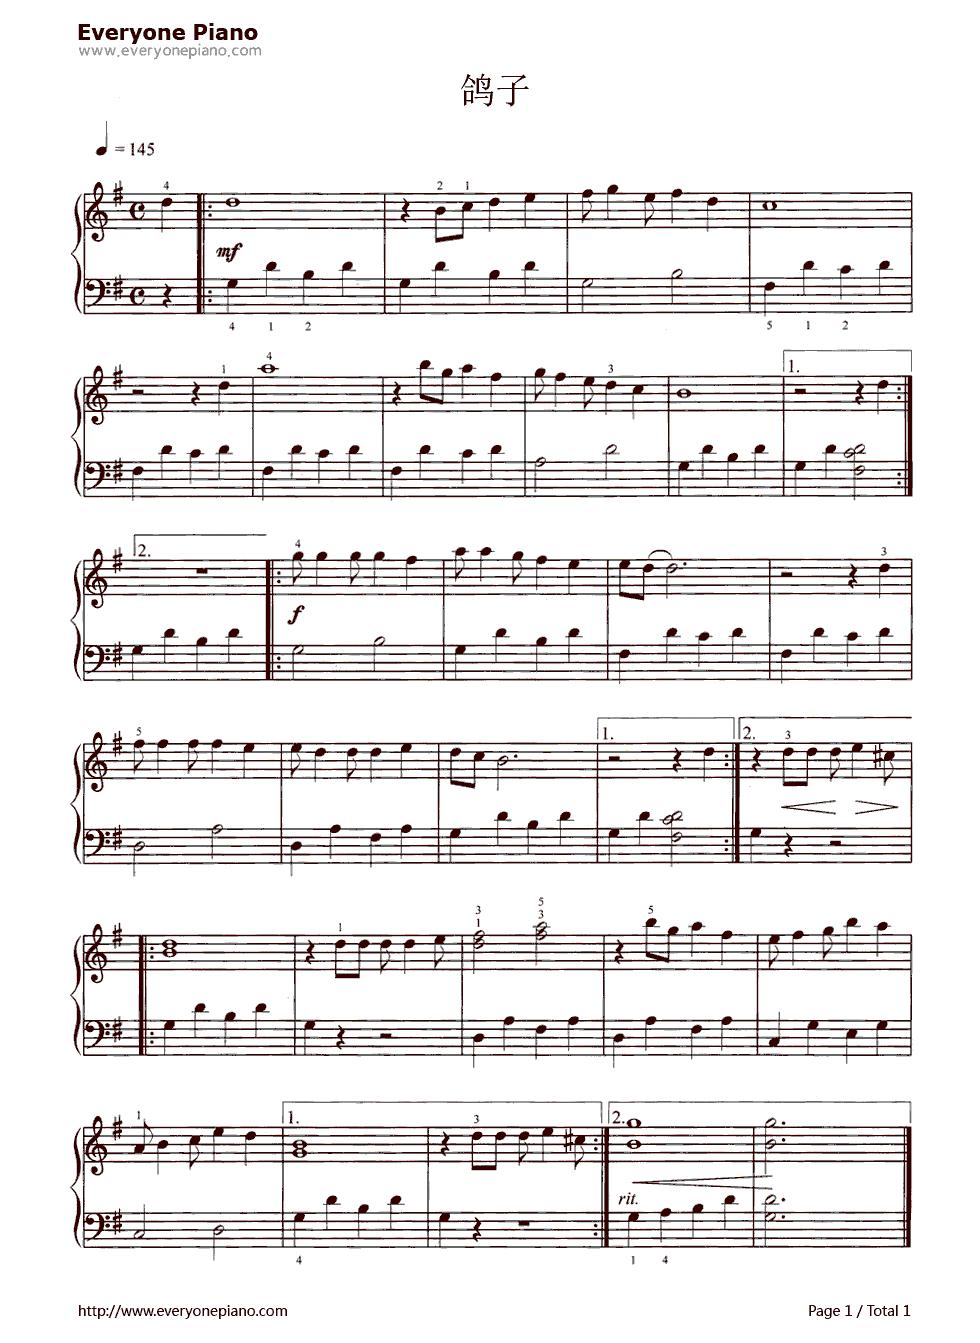 钢琴曲谱 经典 鸽子 鸽子五线谱预览1  }  仅供学习交流使用!